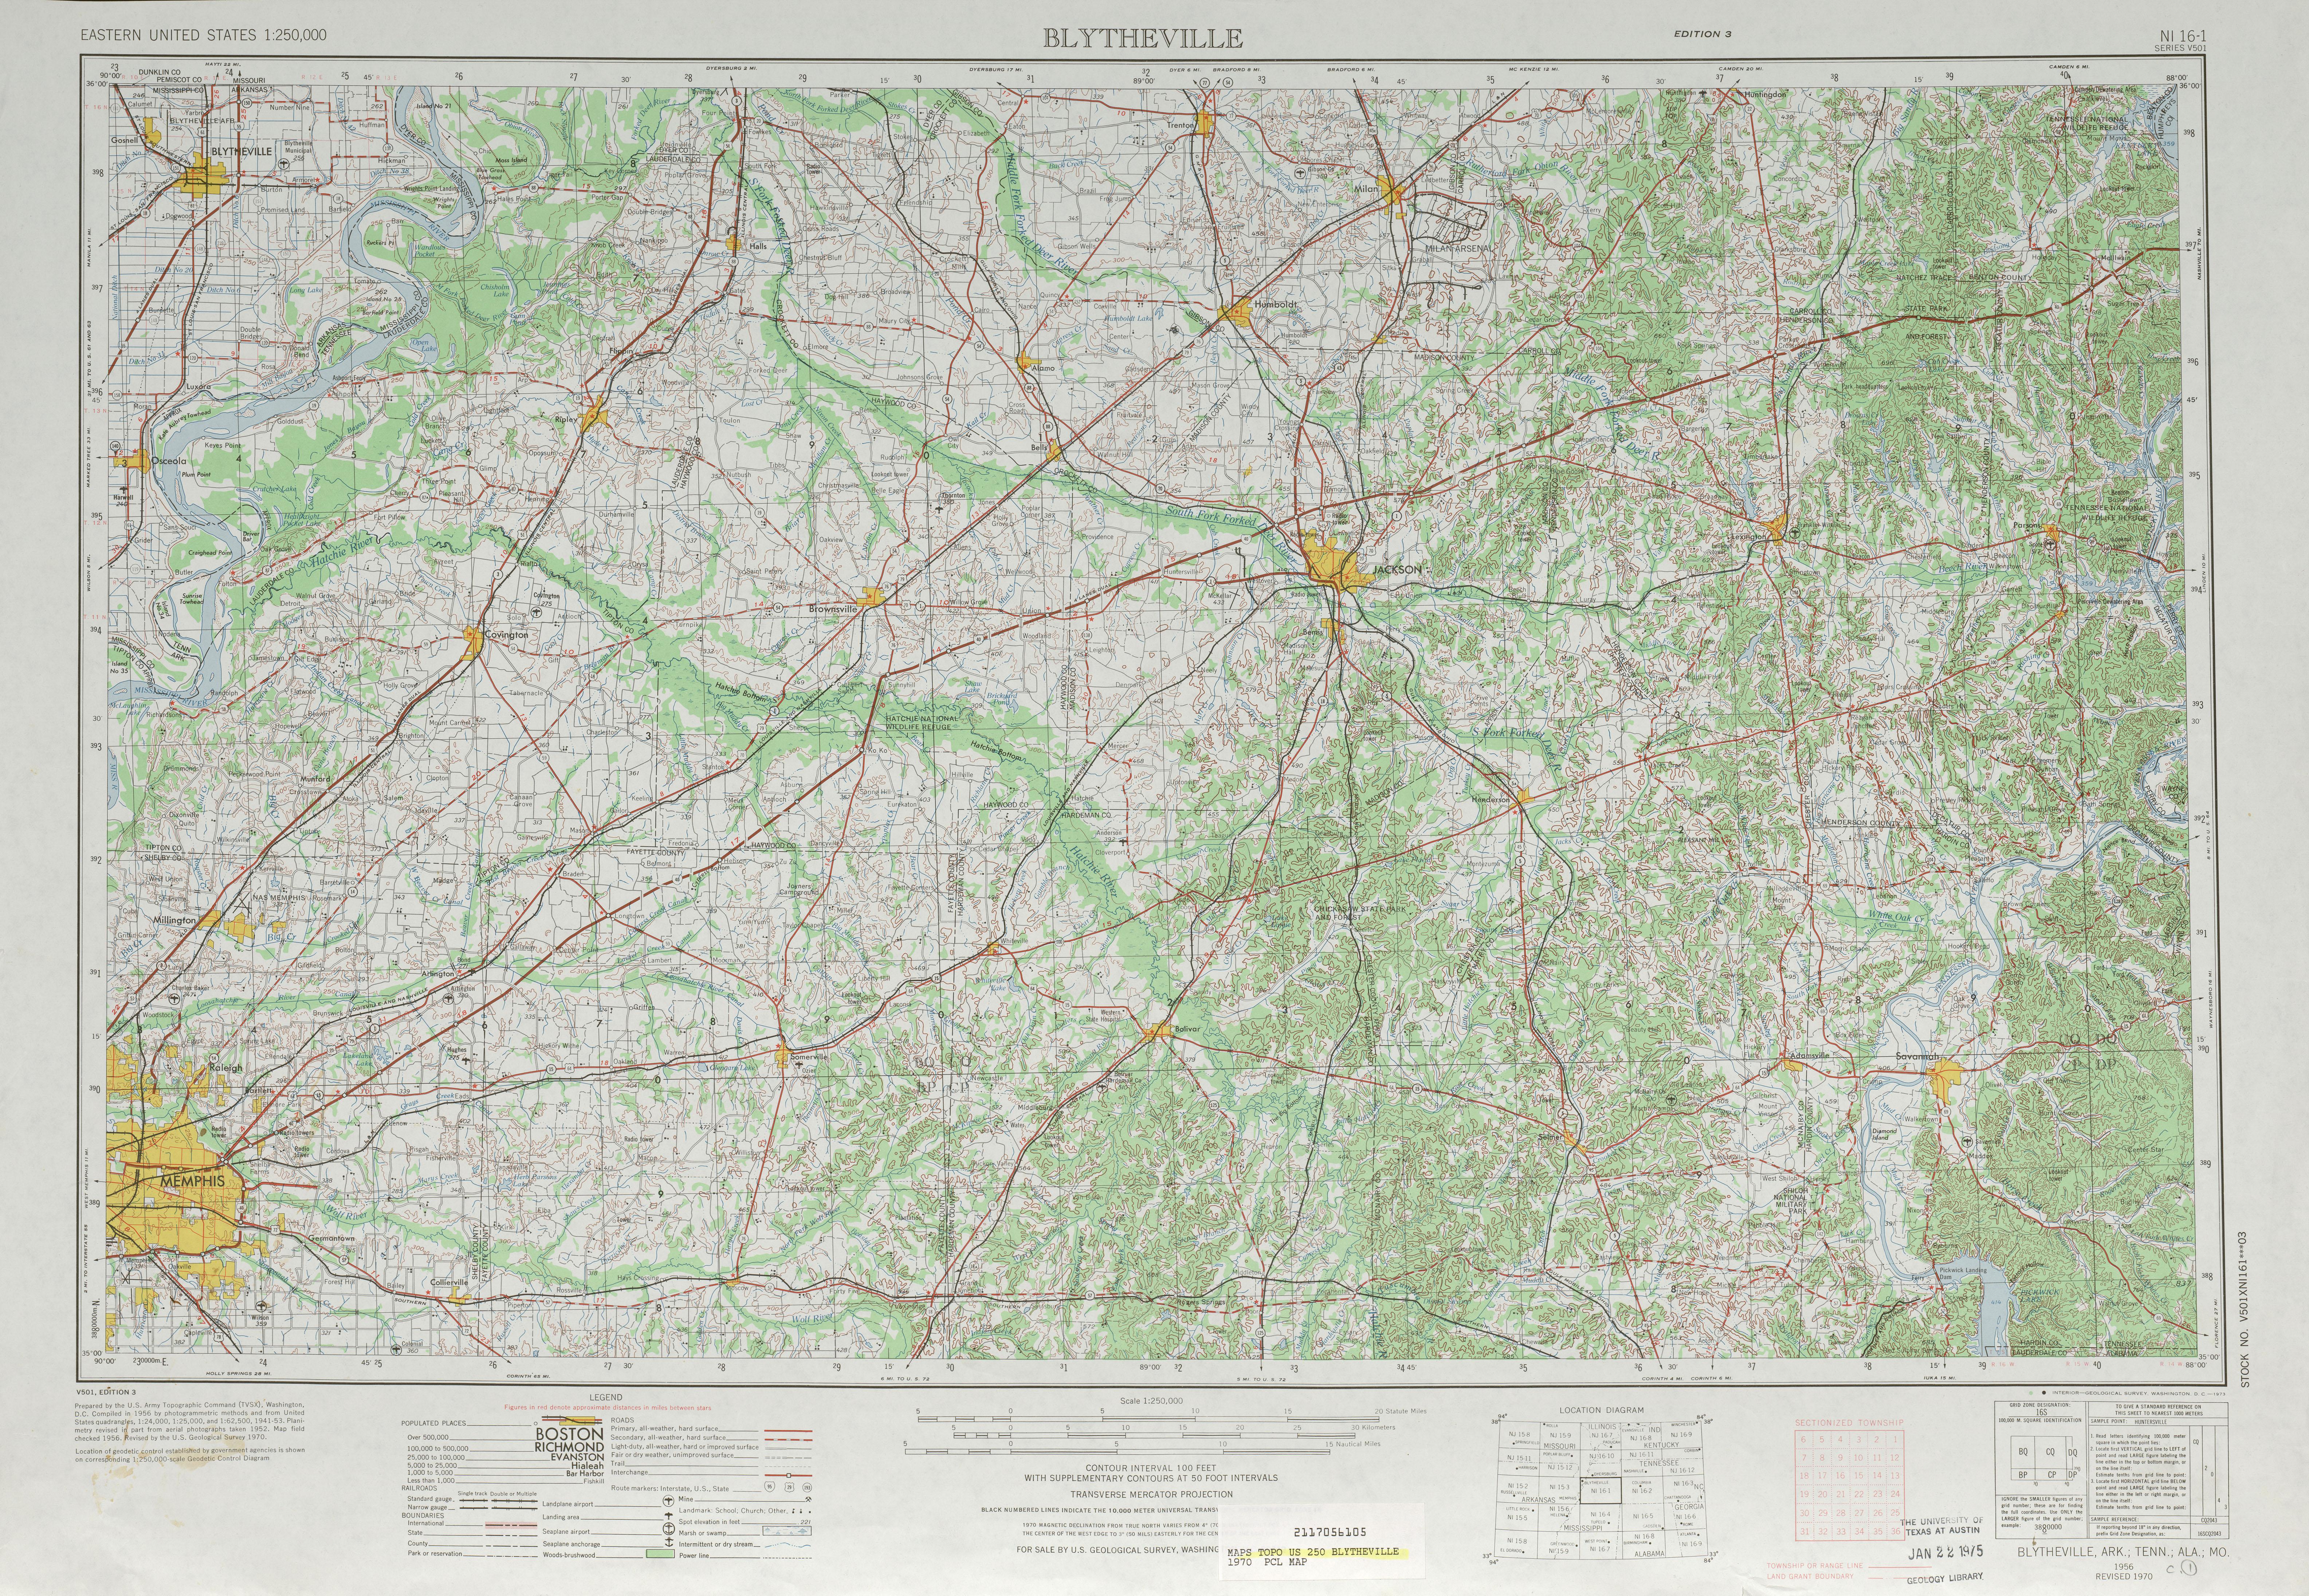 Hoja Blytheville del Mapa Topográfico de los Estados Unidos 1970